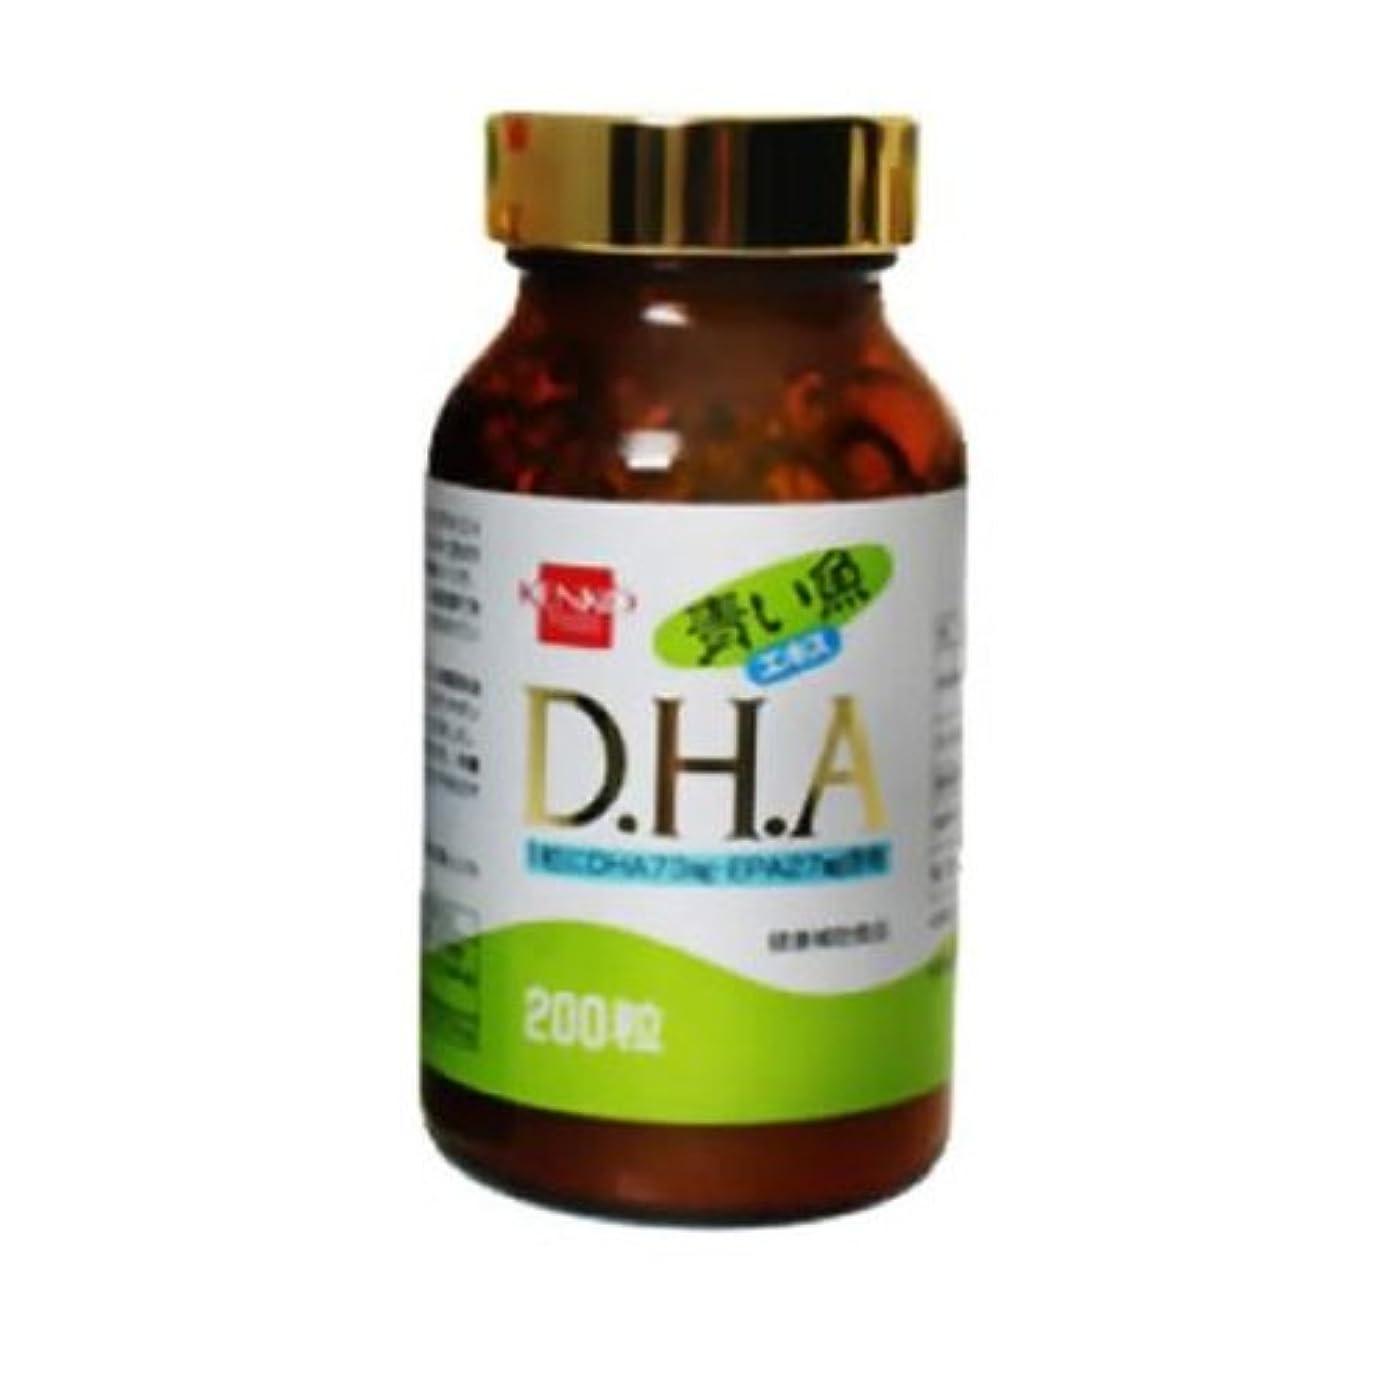 アヒル忠誠気をつけて青い魚エキス DHA EPA 200粒